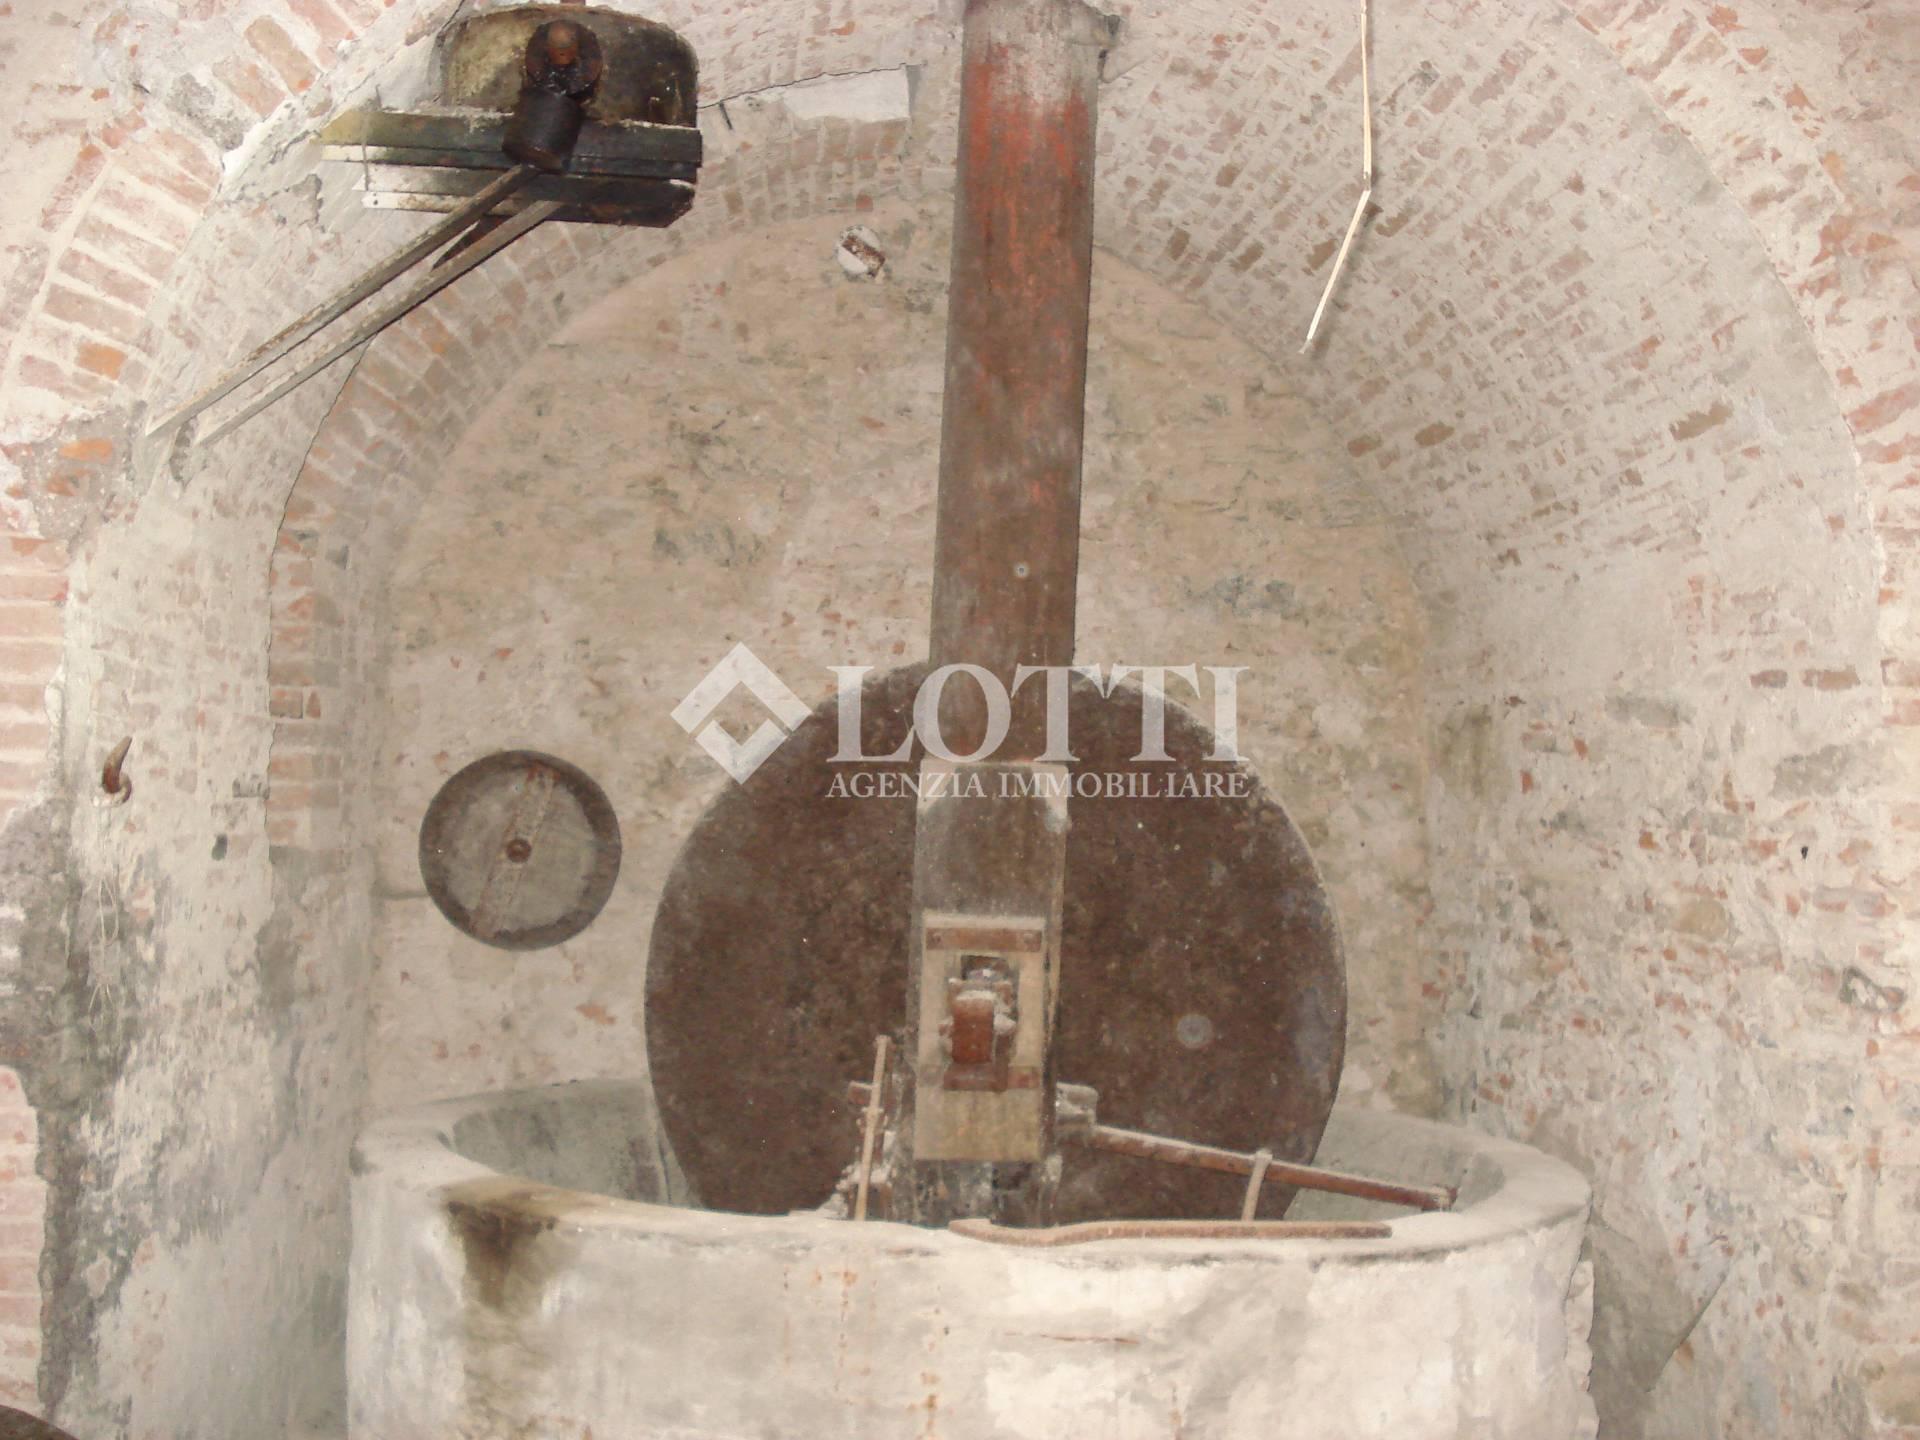 Rustico for sale, ref. 155